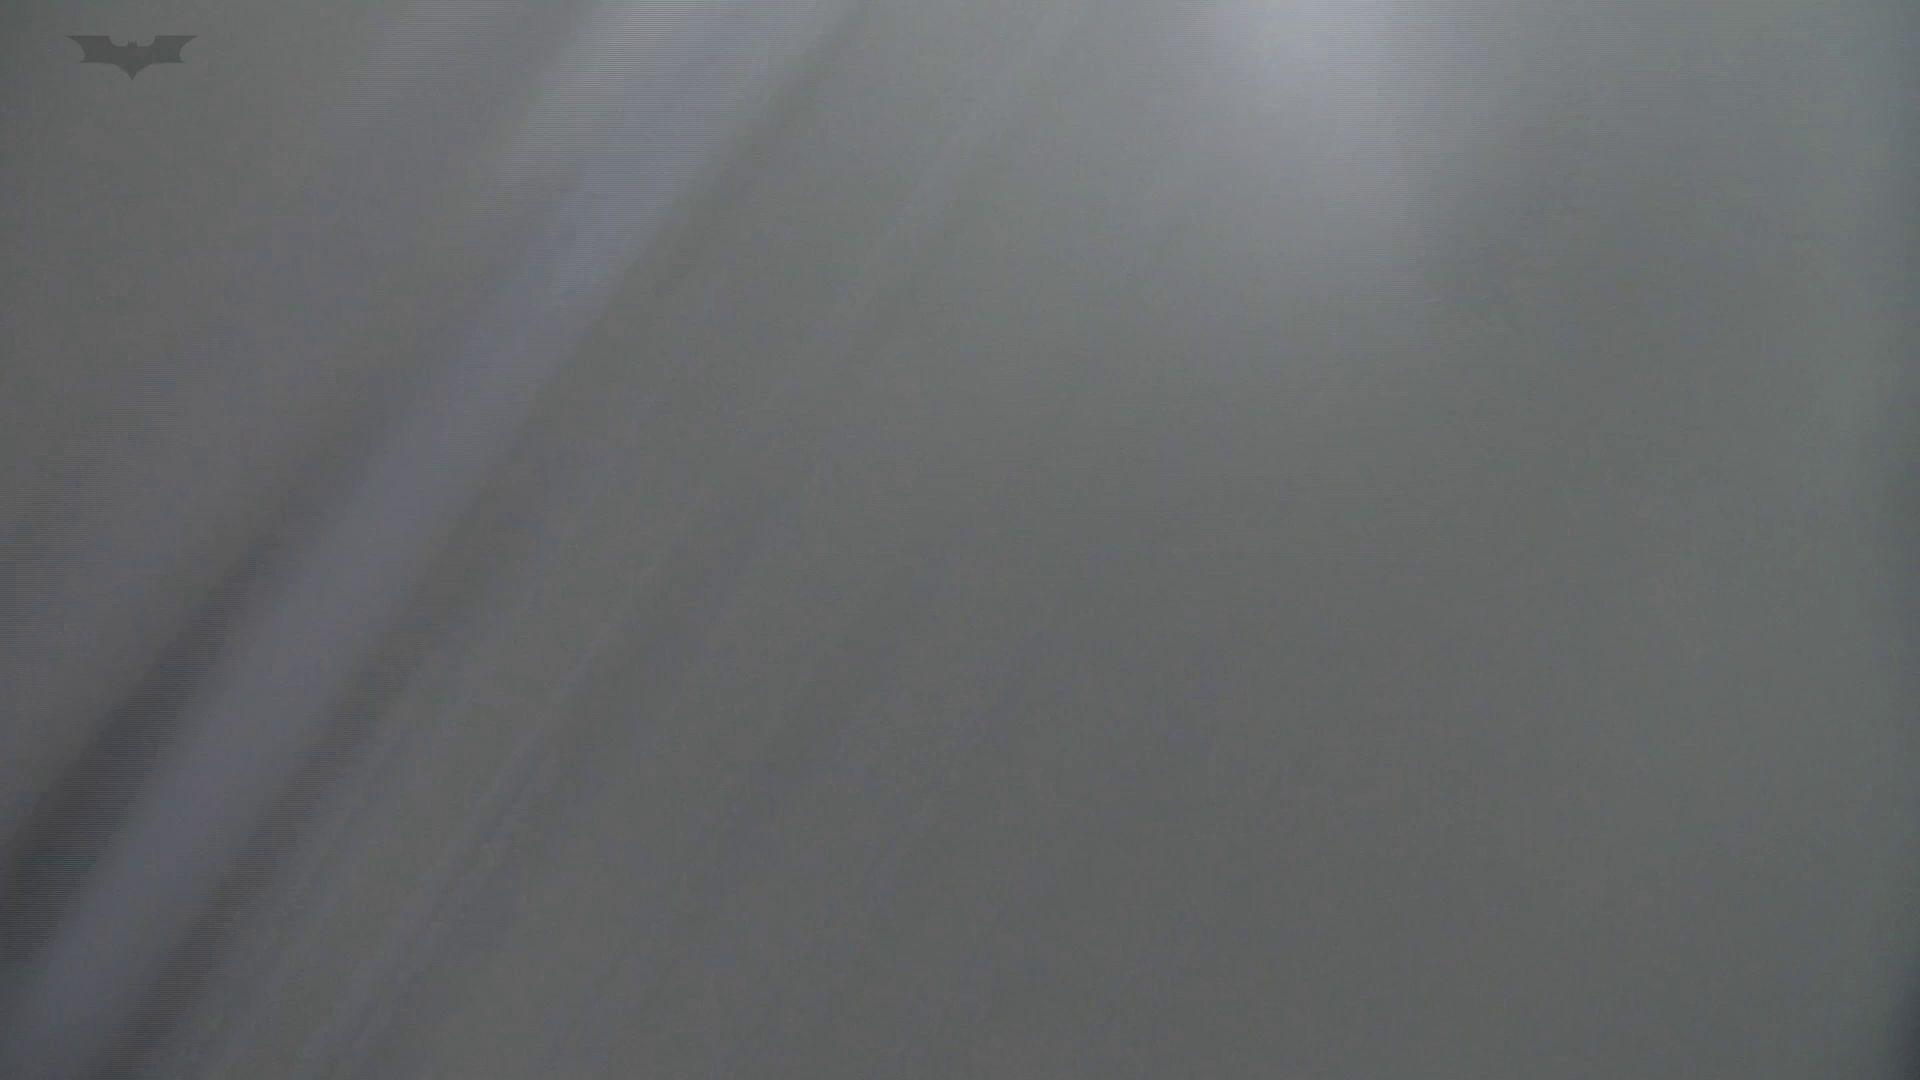 美しい日本の未来 No.25 「22」に登場した子がまさかの大で再登場!! 洗面所のぞき おめこ無修正動画無料 108枚 47